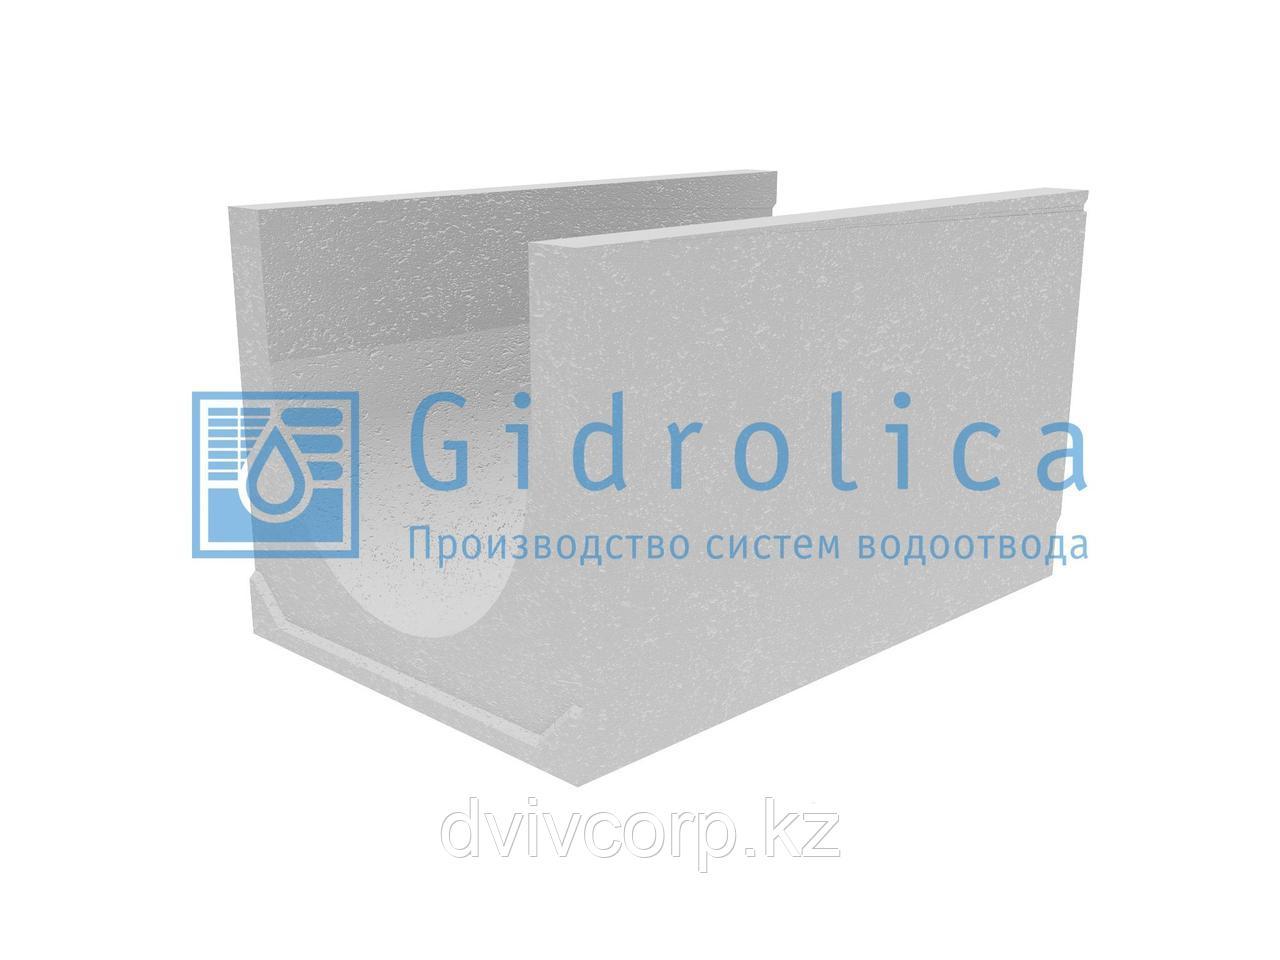 Лоток водоотводный бетонный коробчатый (СО-500мм), с уклоном 0,5%  КUу 100.65(50).58,5(49,5) - BGU-XL, № 27